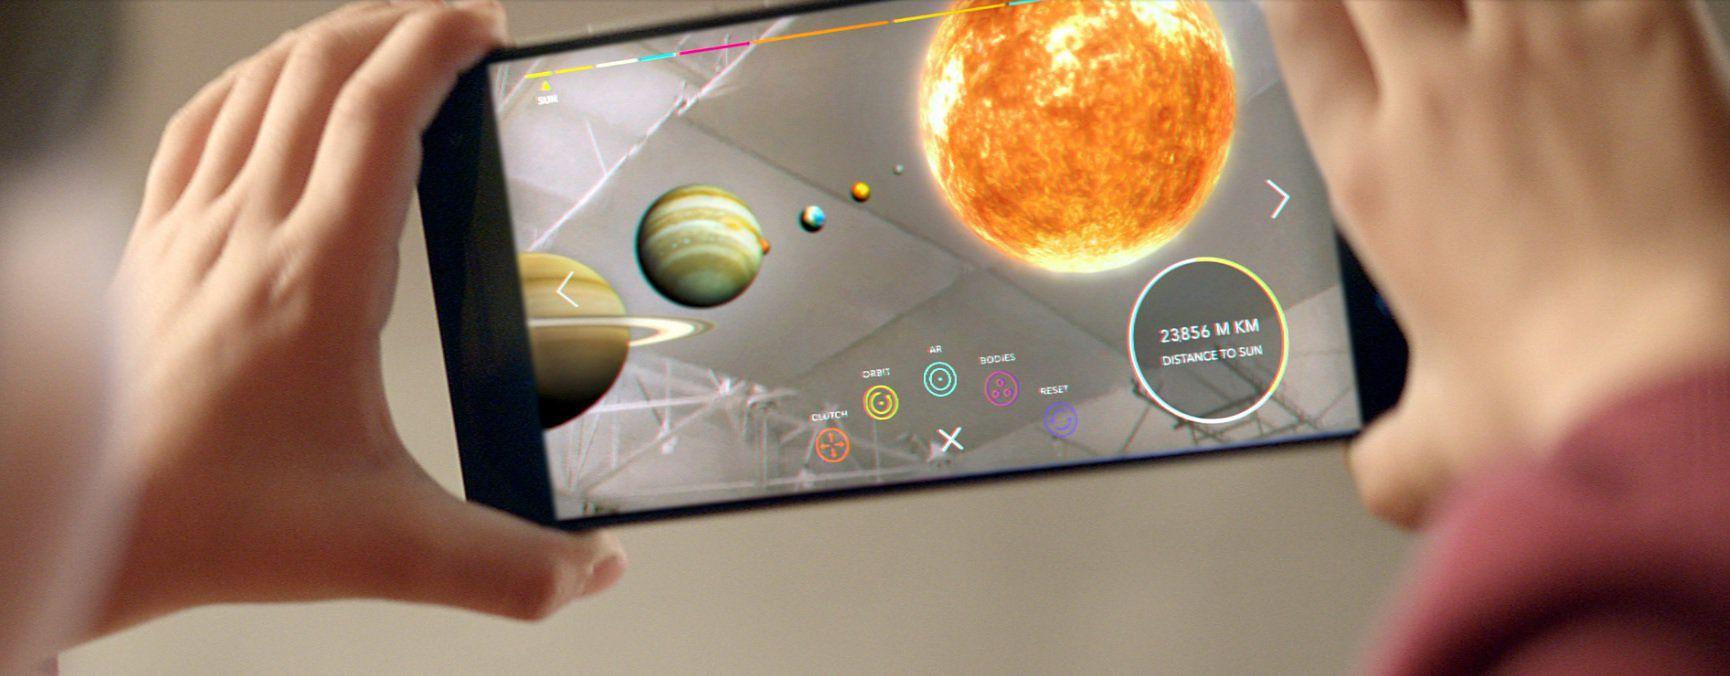 Efekty AR w smartfonie z Google Tango